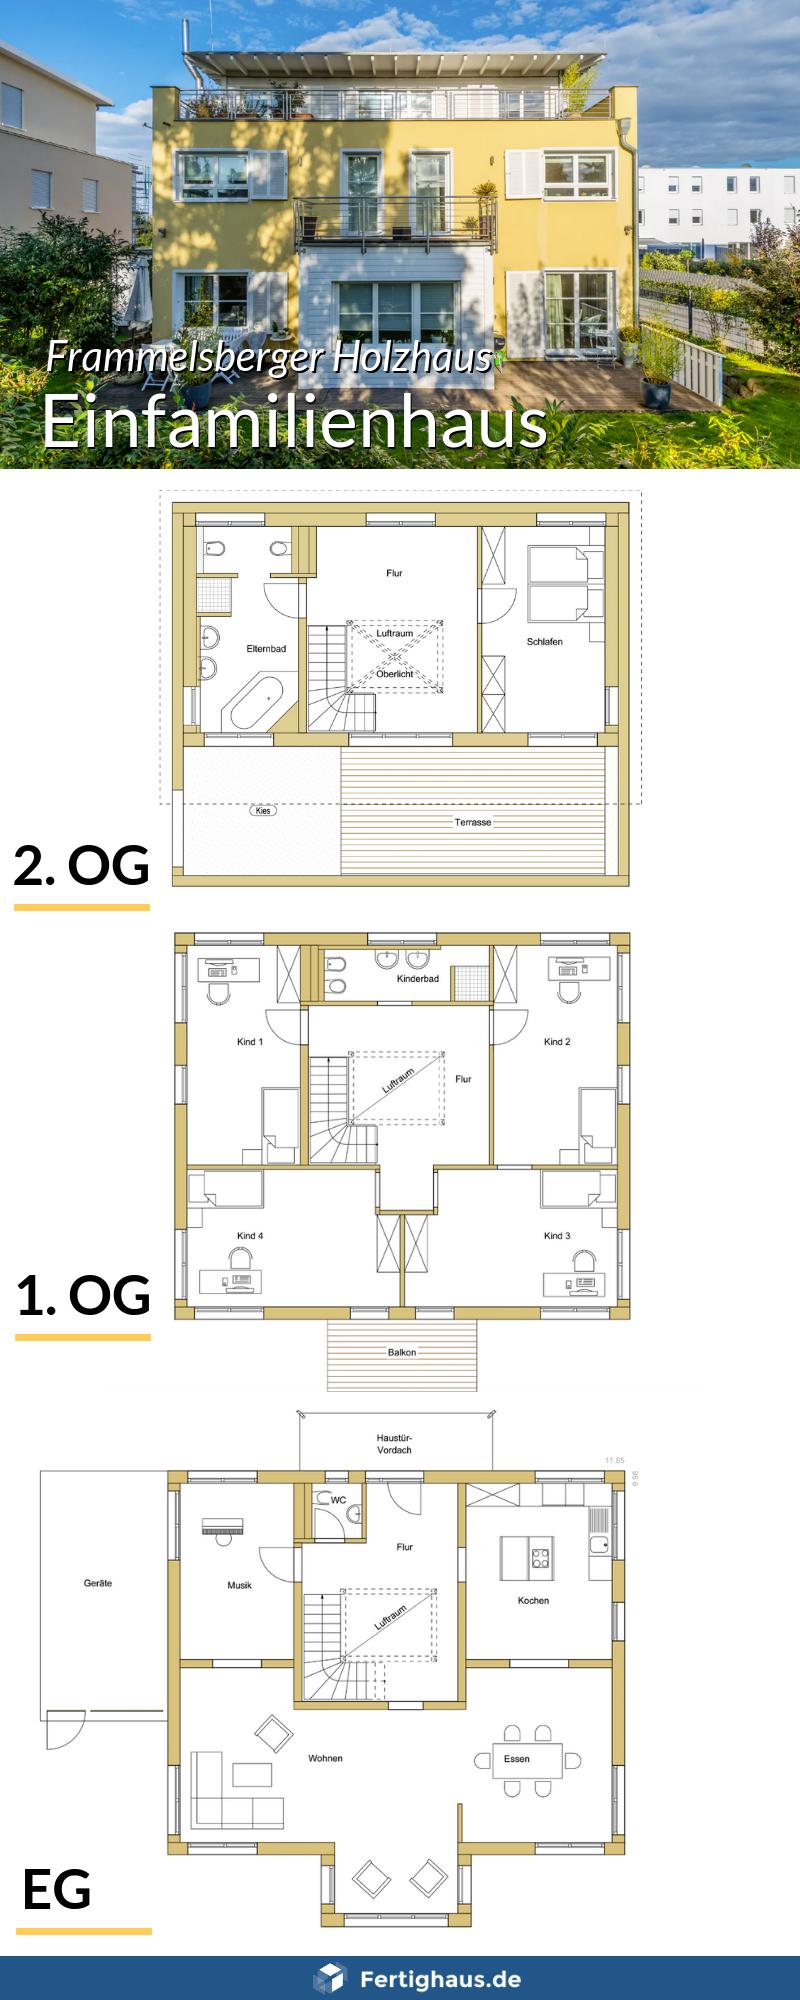 Einfamilienhaus mit 3 Etagen für Großfamilie